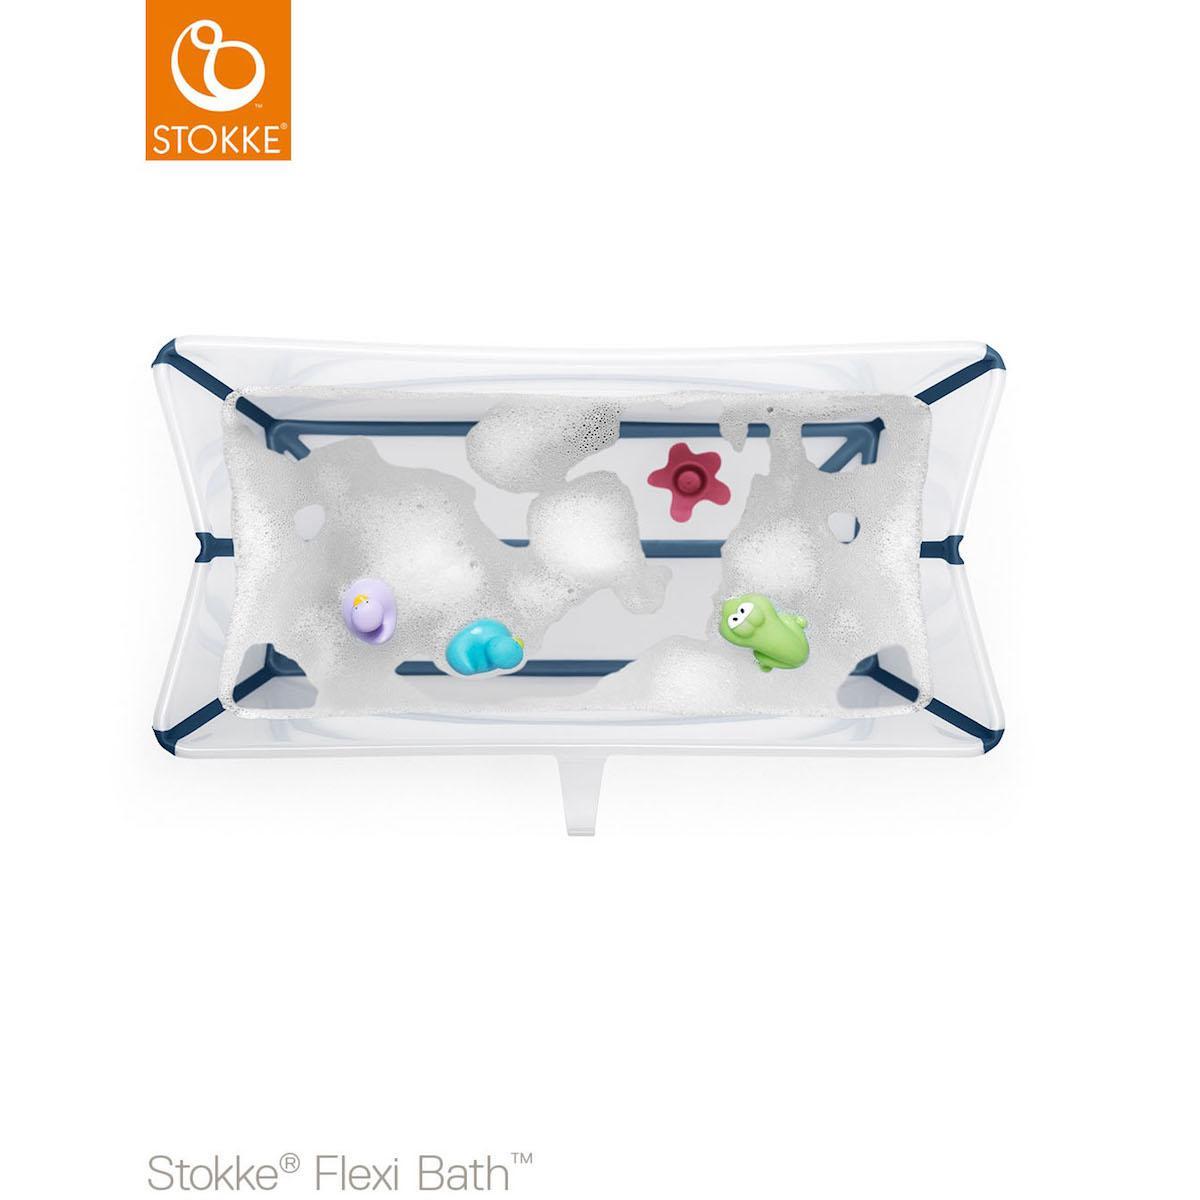 STOKKE Ba/ñera Plegable Stokke /® Flexi Bath CON SOPORTE para Reci/én Nacido transparente//azul